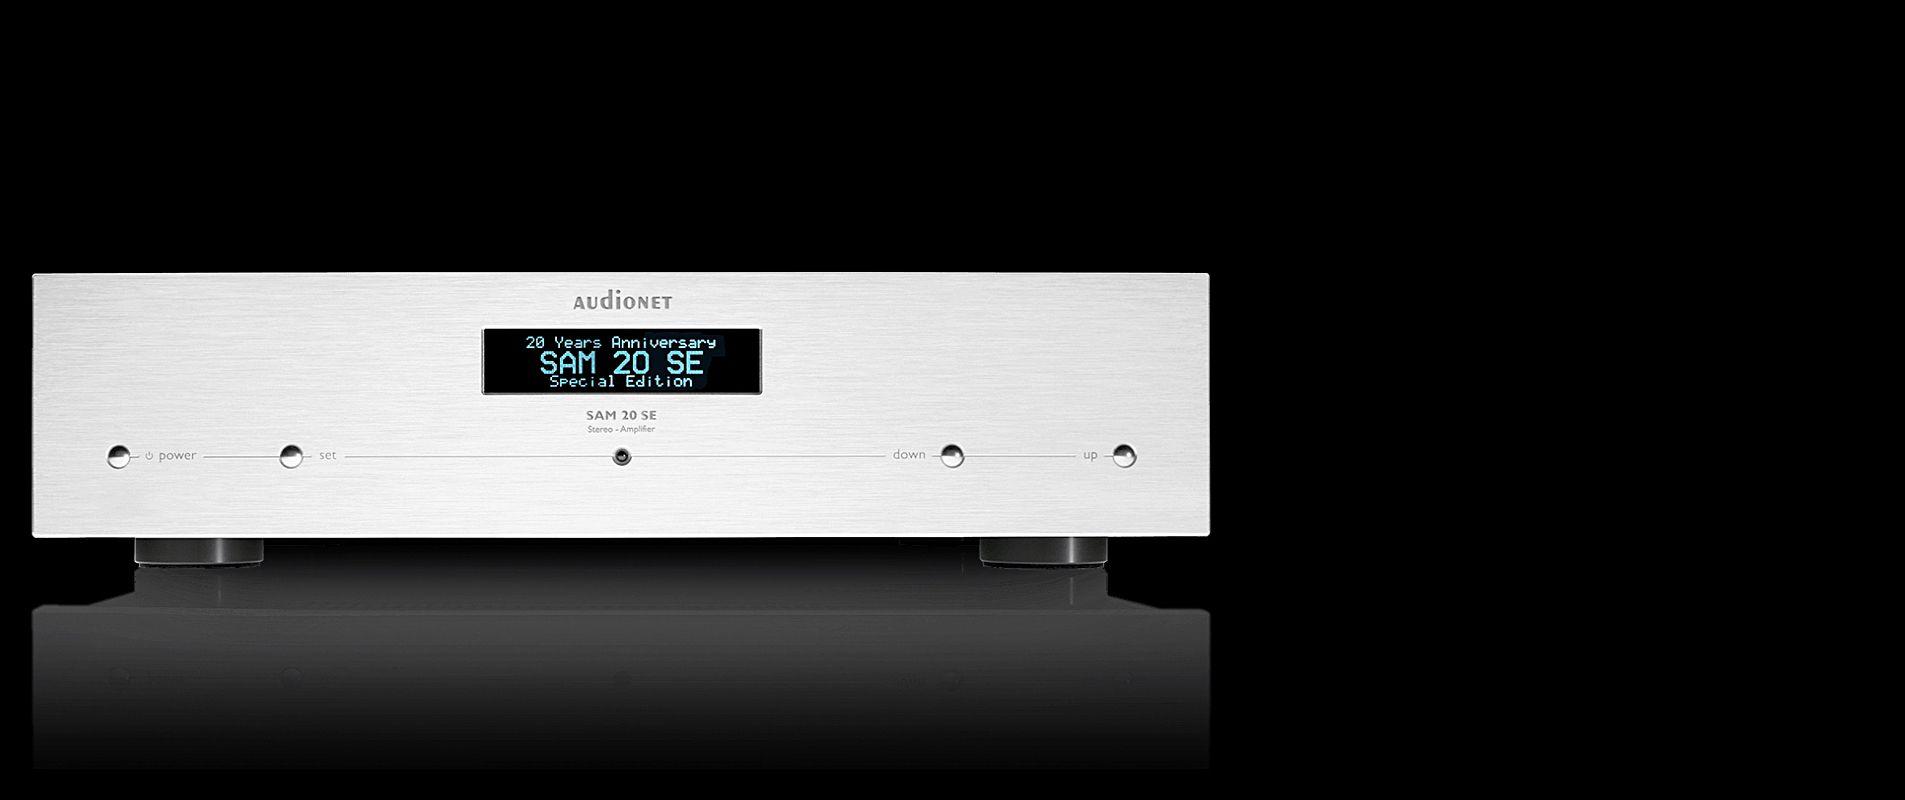 Vollverstärker SAM 20 SE von Audionet